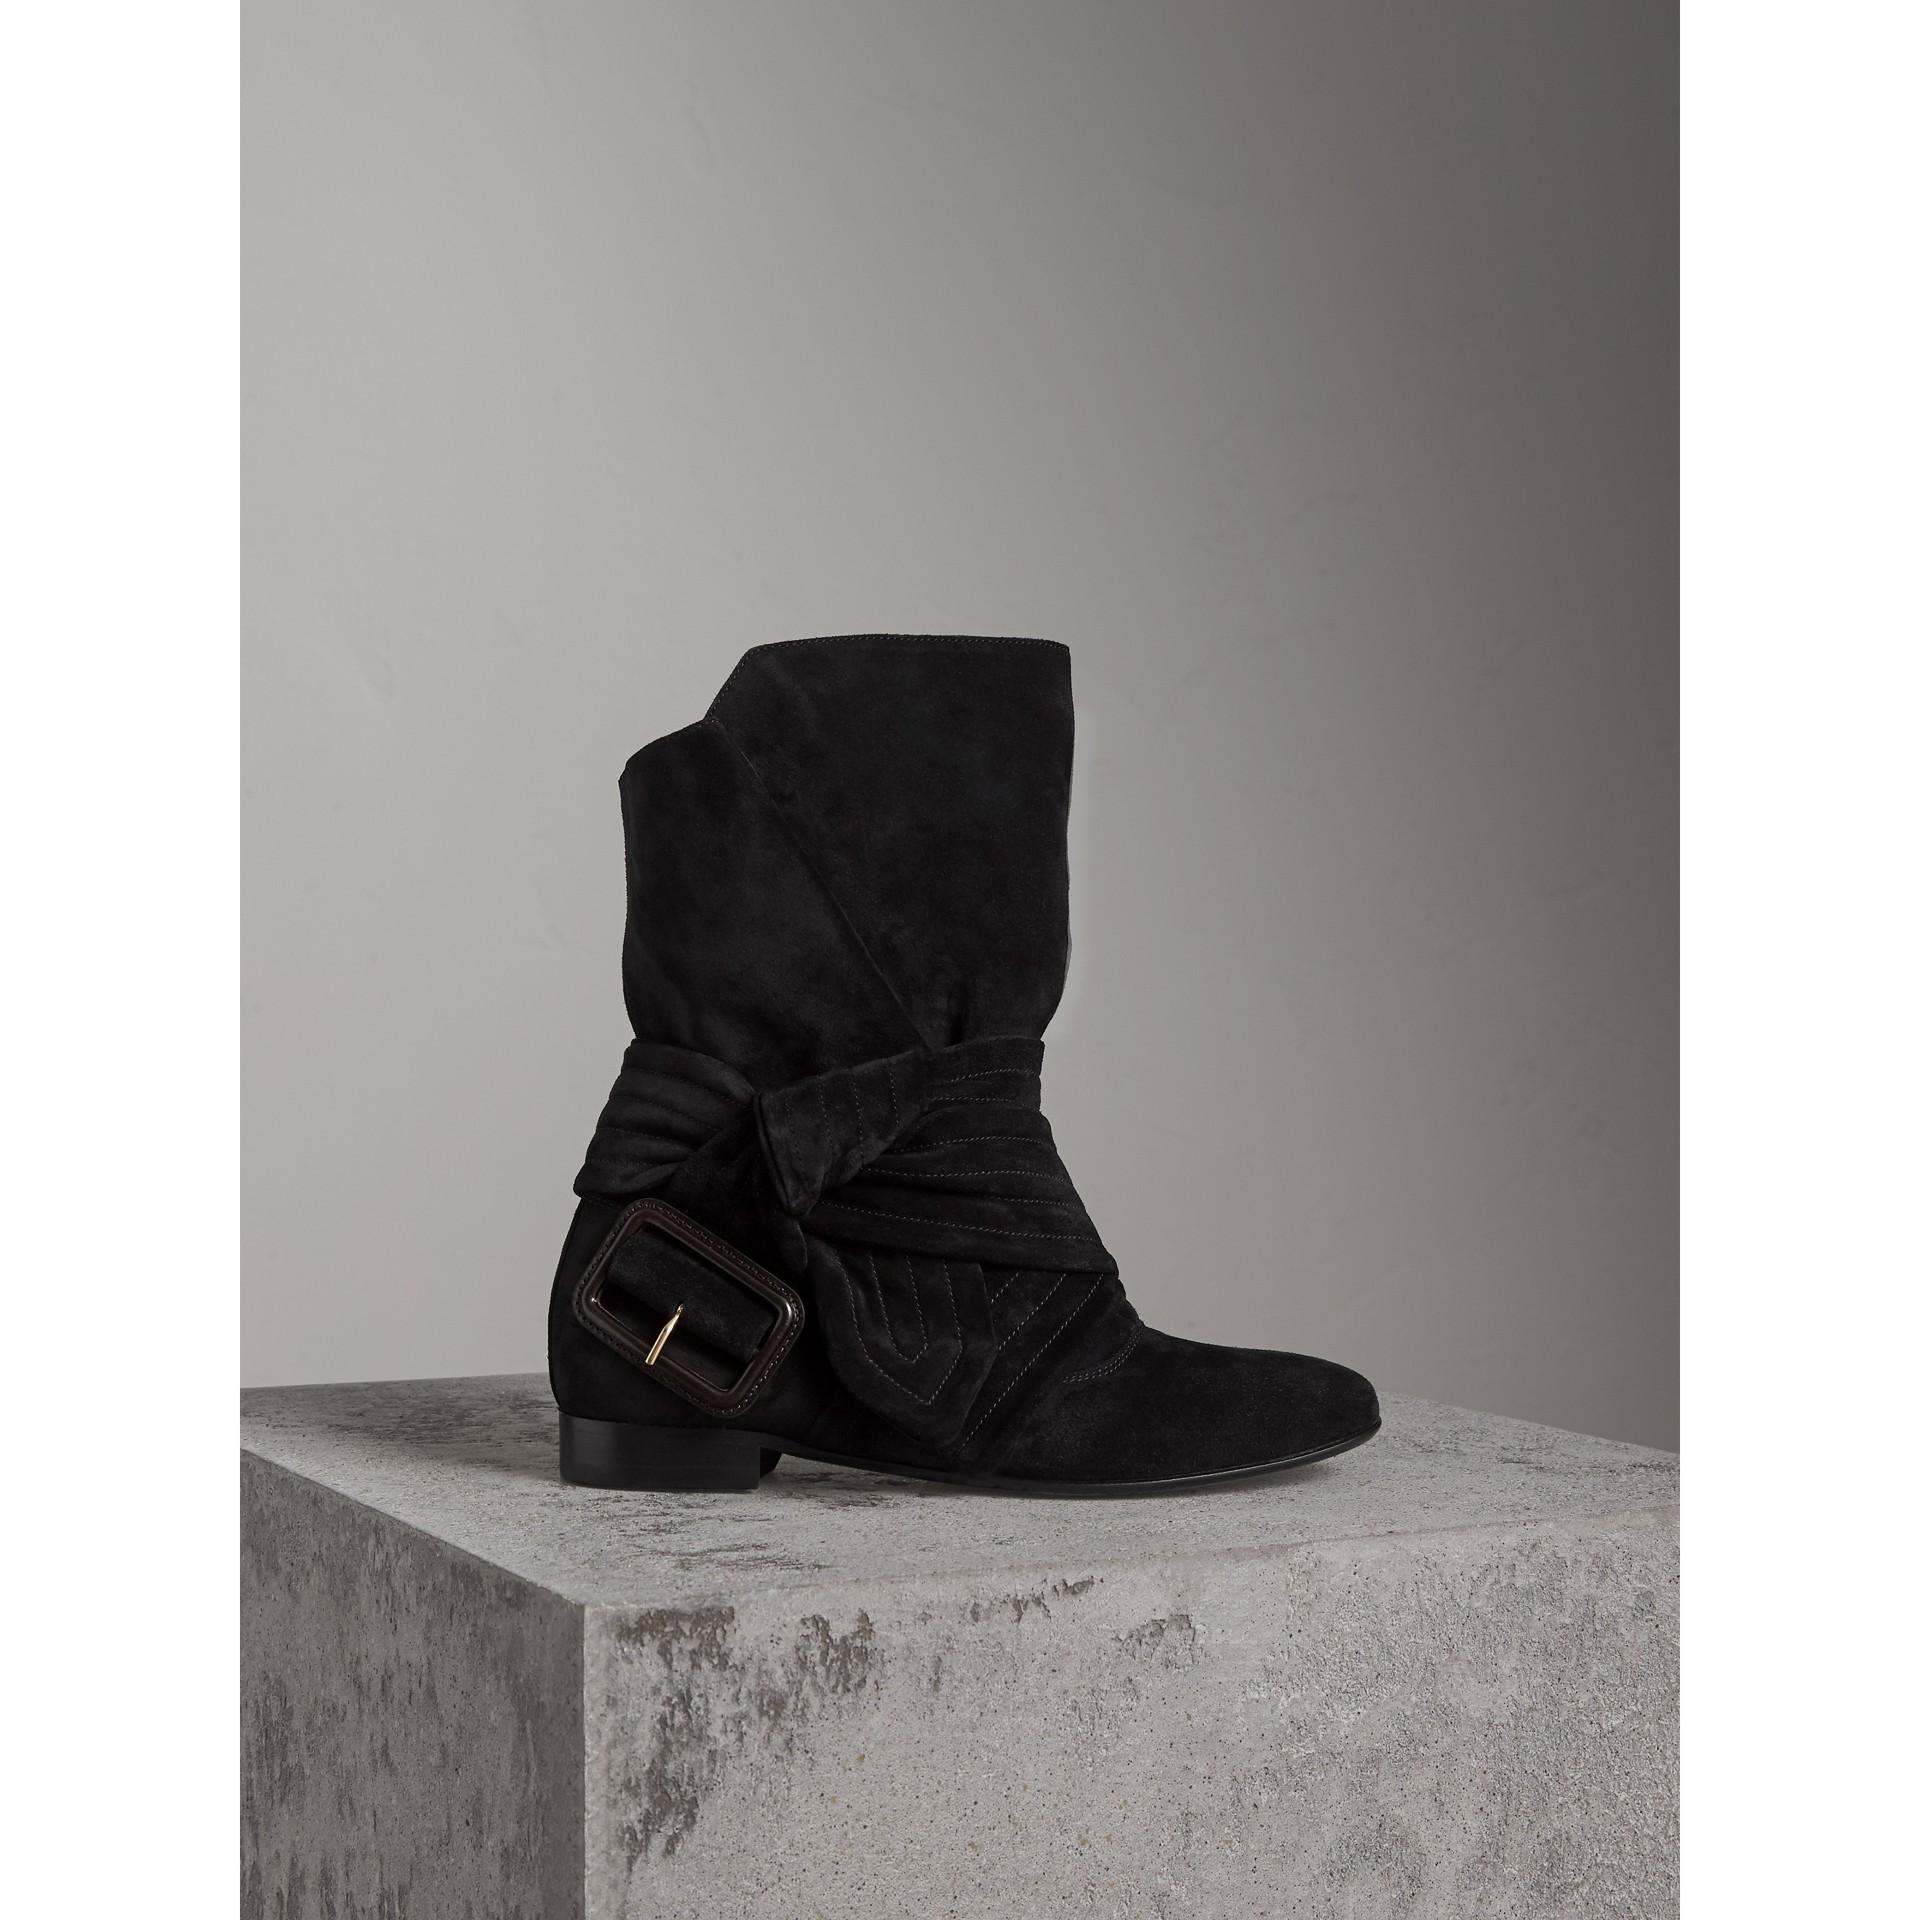 Bottines en cuir velours à détail ceinturé (Noir) - Femme | Burberry - photo de la galerie 1